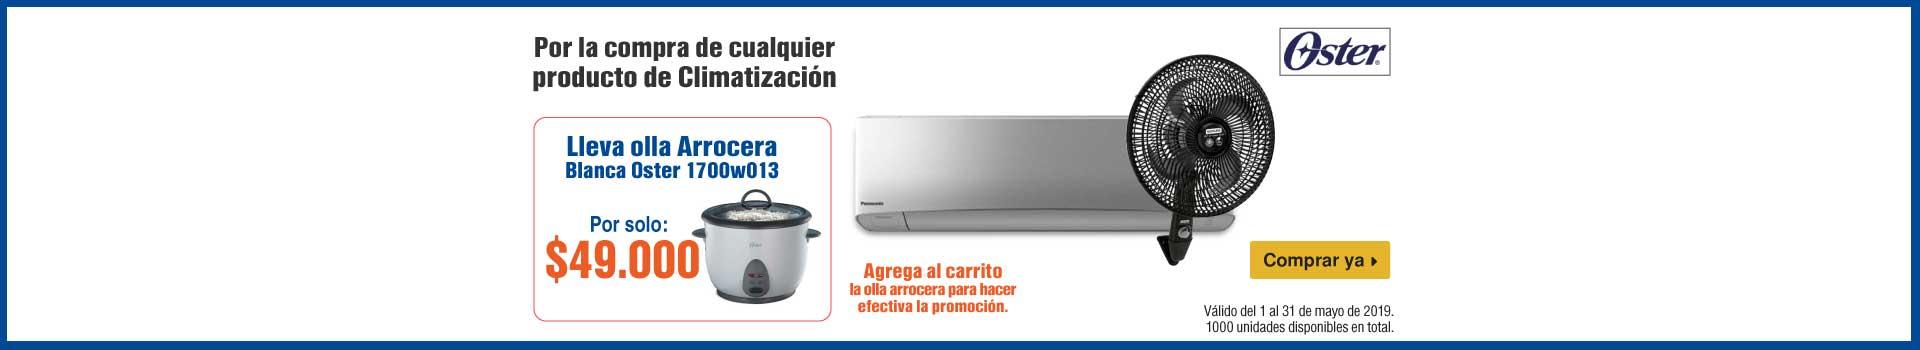 AK-KT-mayores-1-ELECT-BCAT-climatizacion-oster-010519